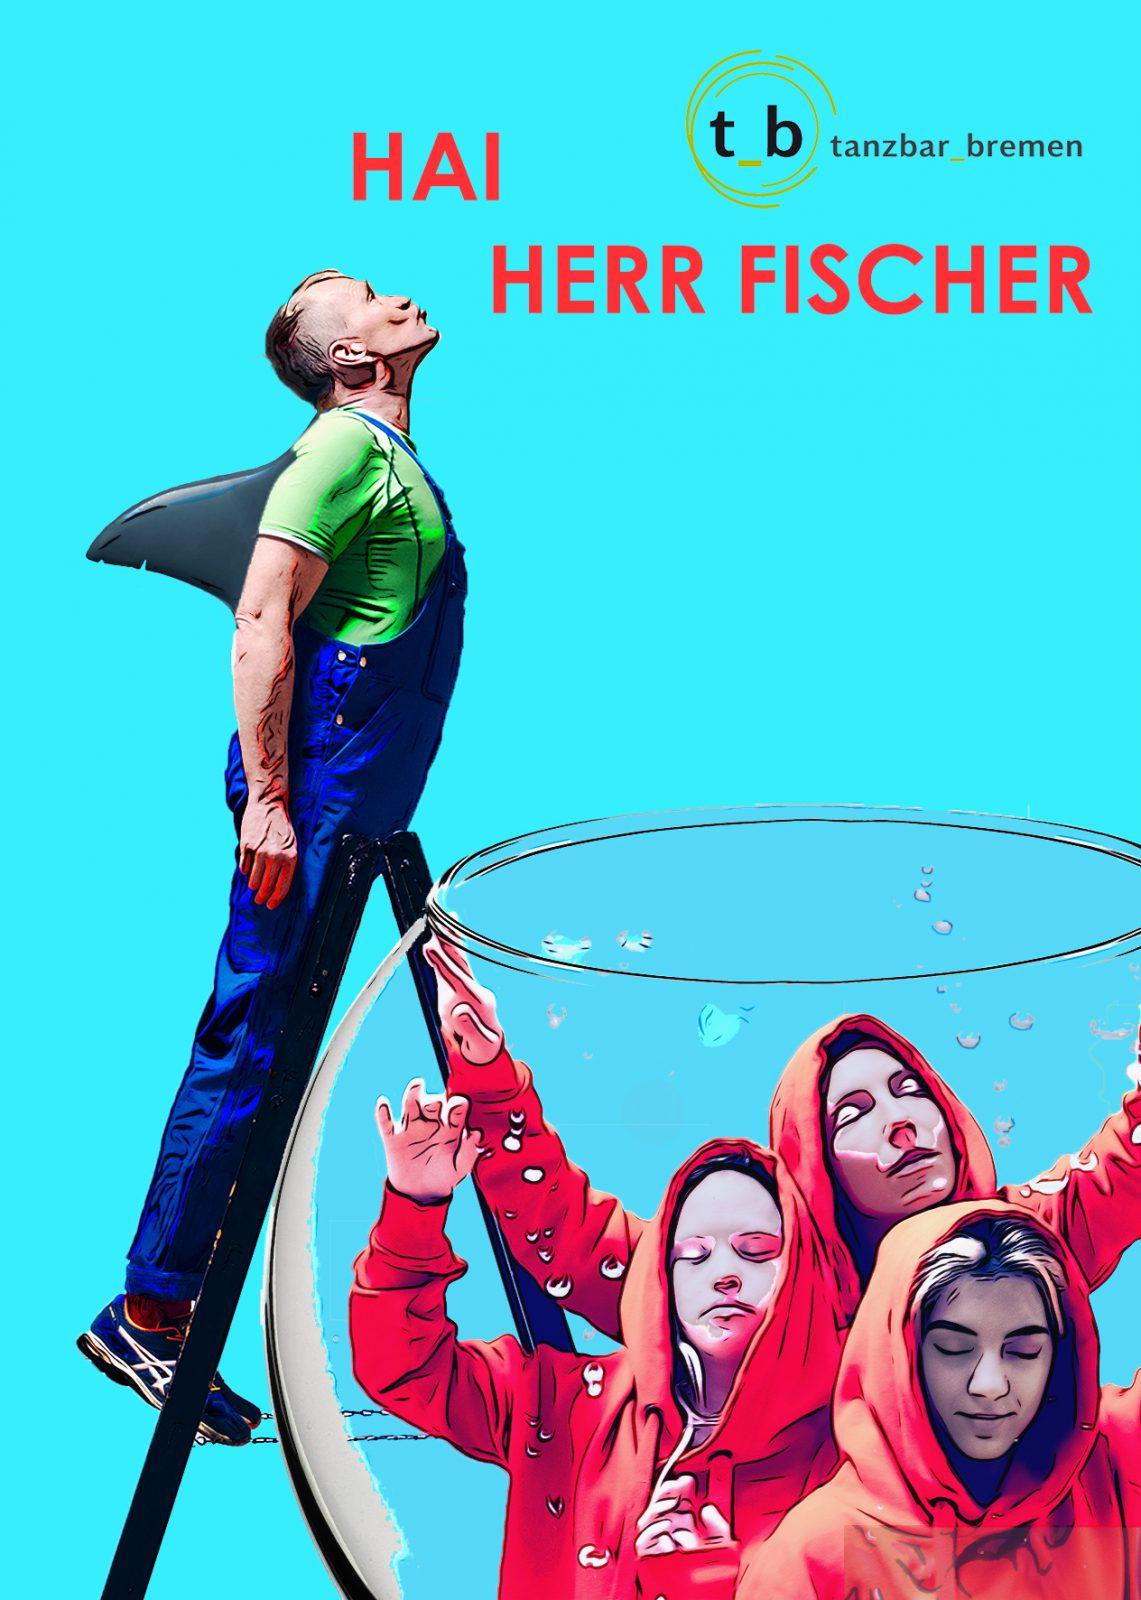 Ein Mann mit Haifischflosse am Rücken auf einer Leiter, drei Tänzerinnen